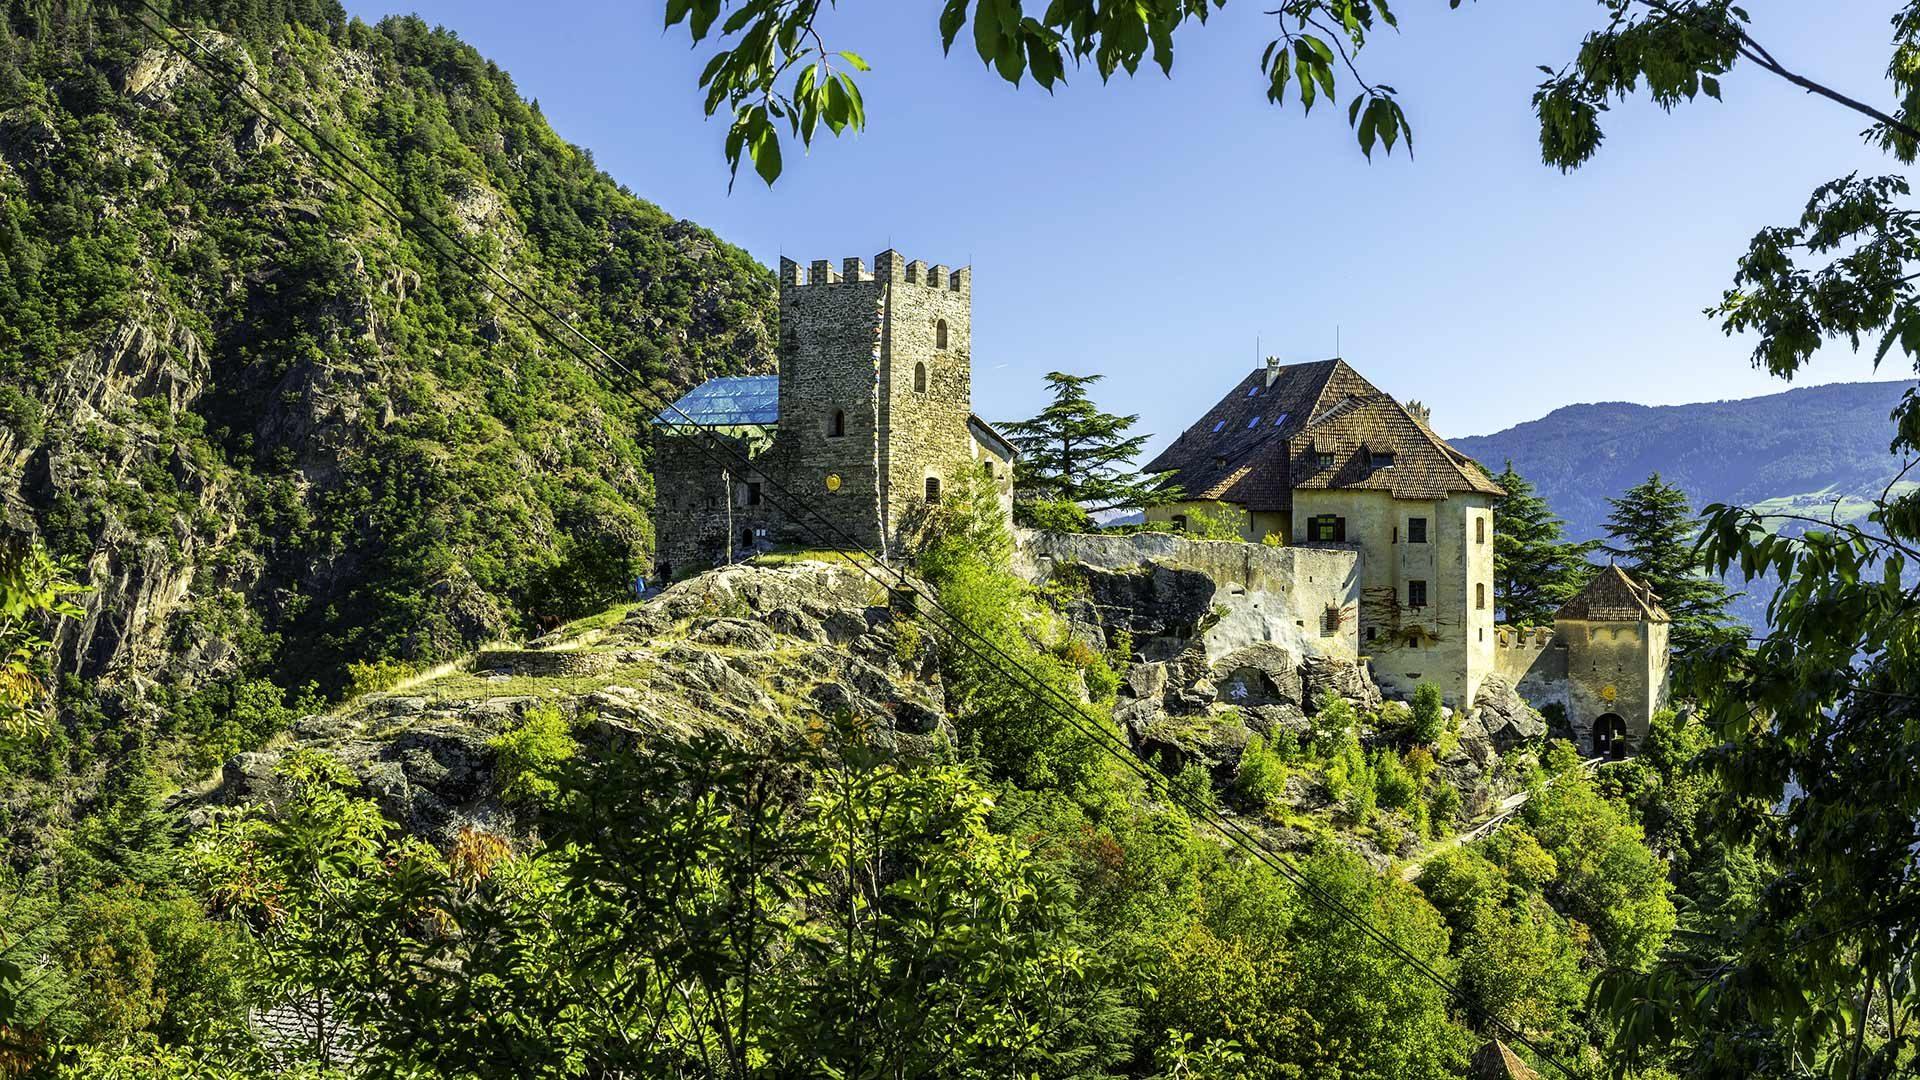 Blick auf Schloss Juval